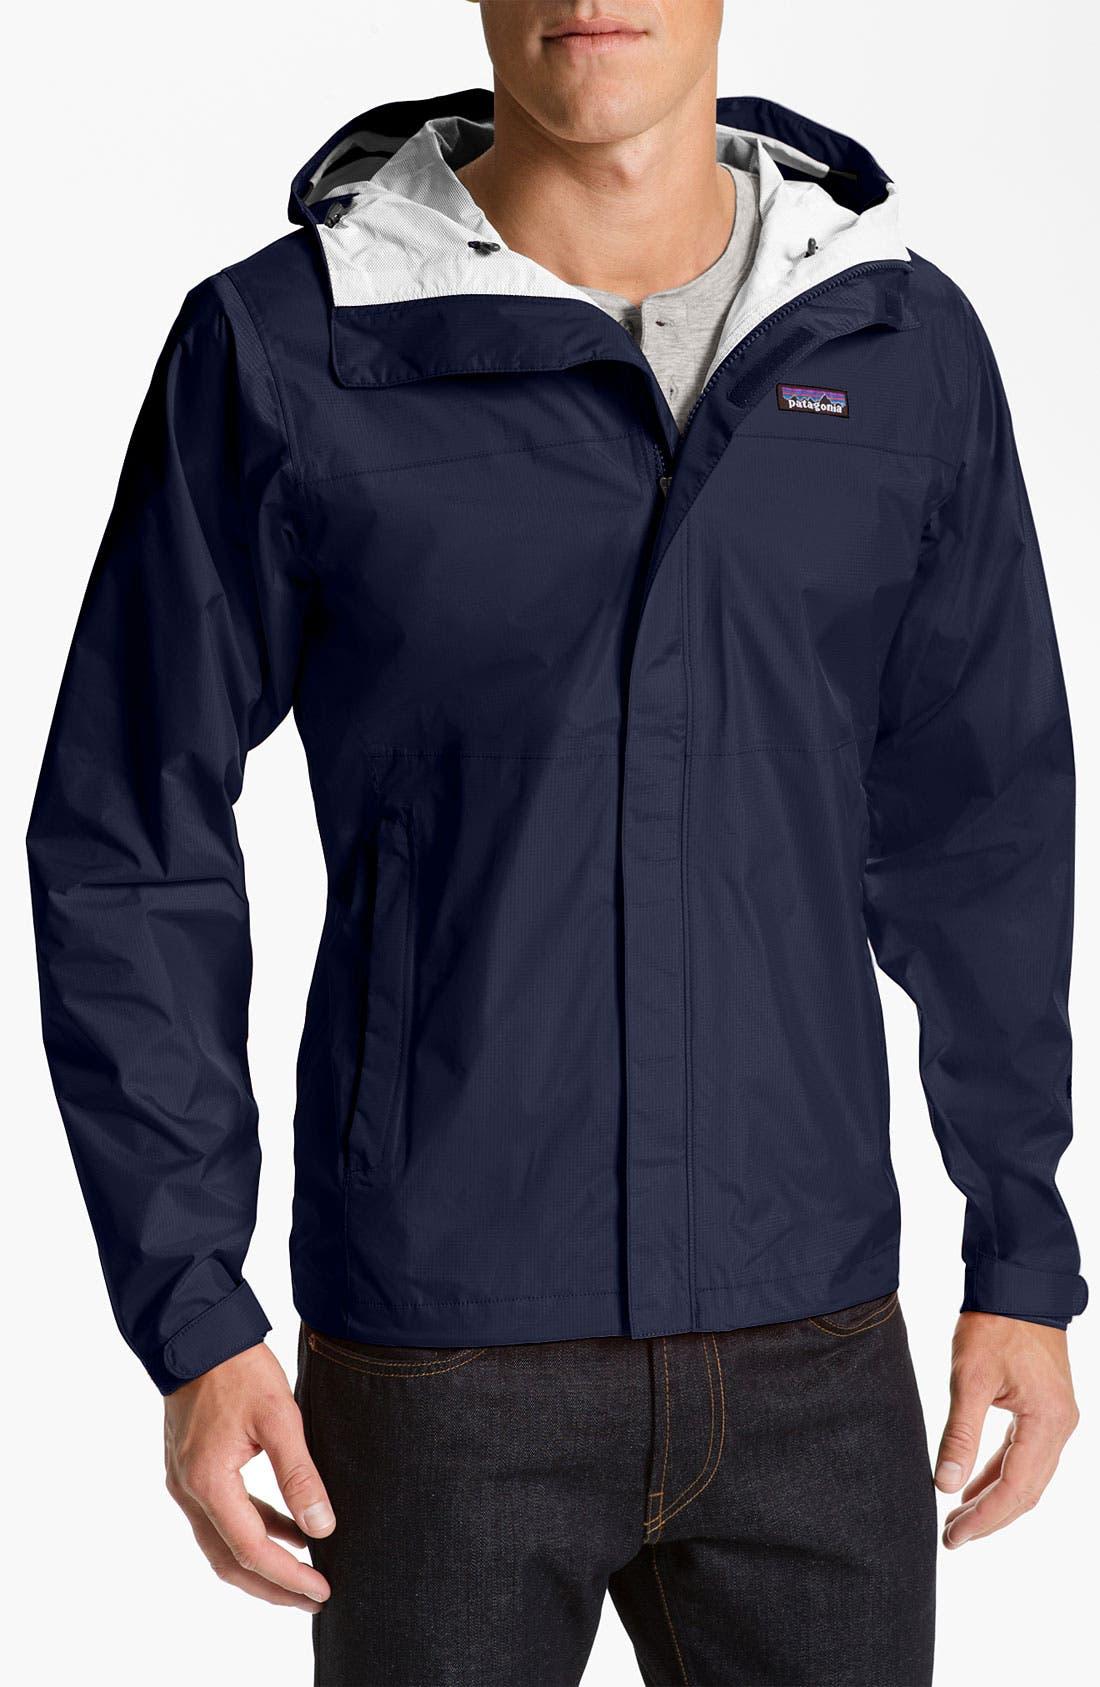 Main Image - Patagonia 'Torrentshell' Waterproof Jacket